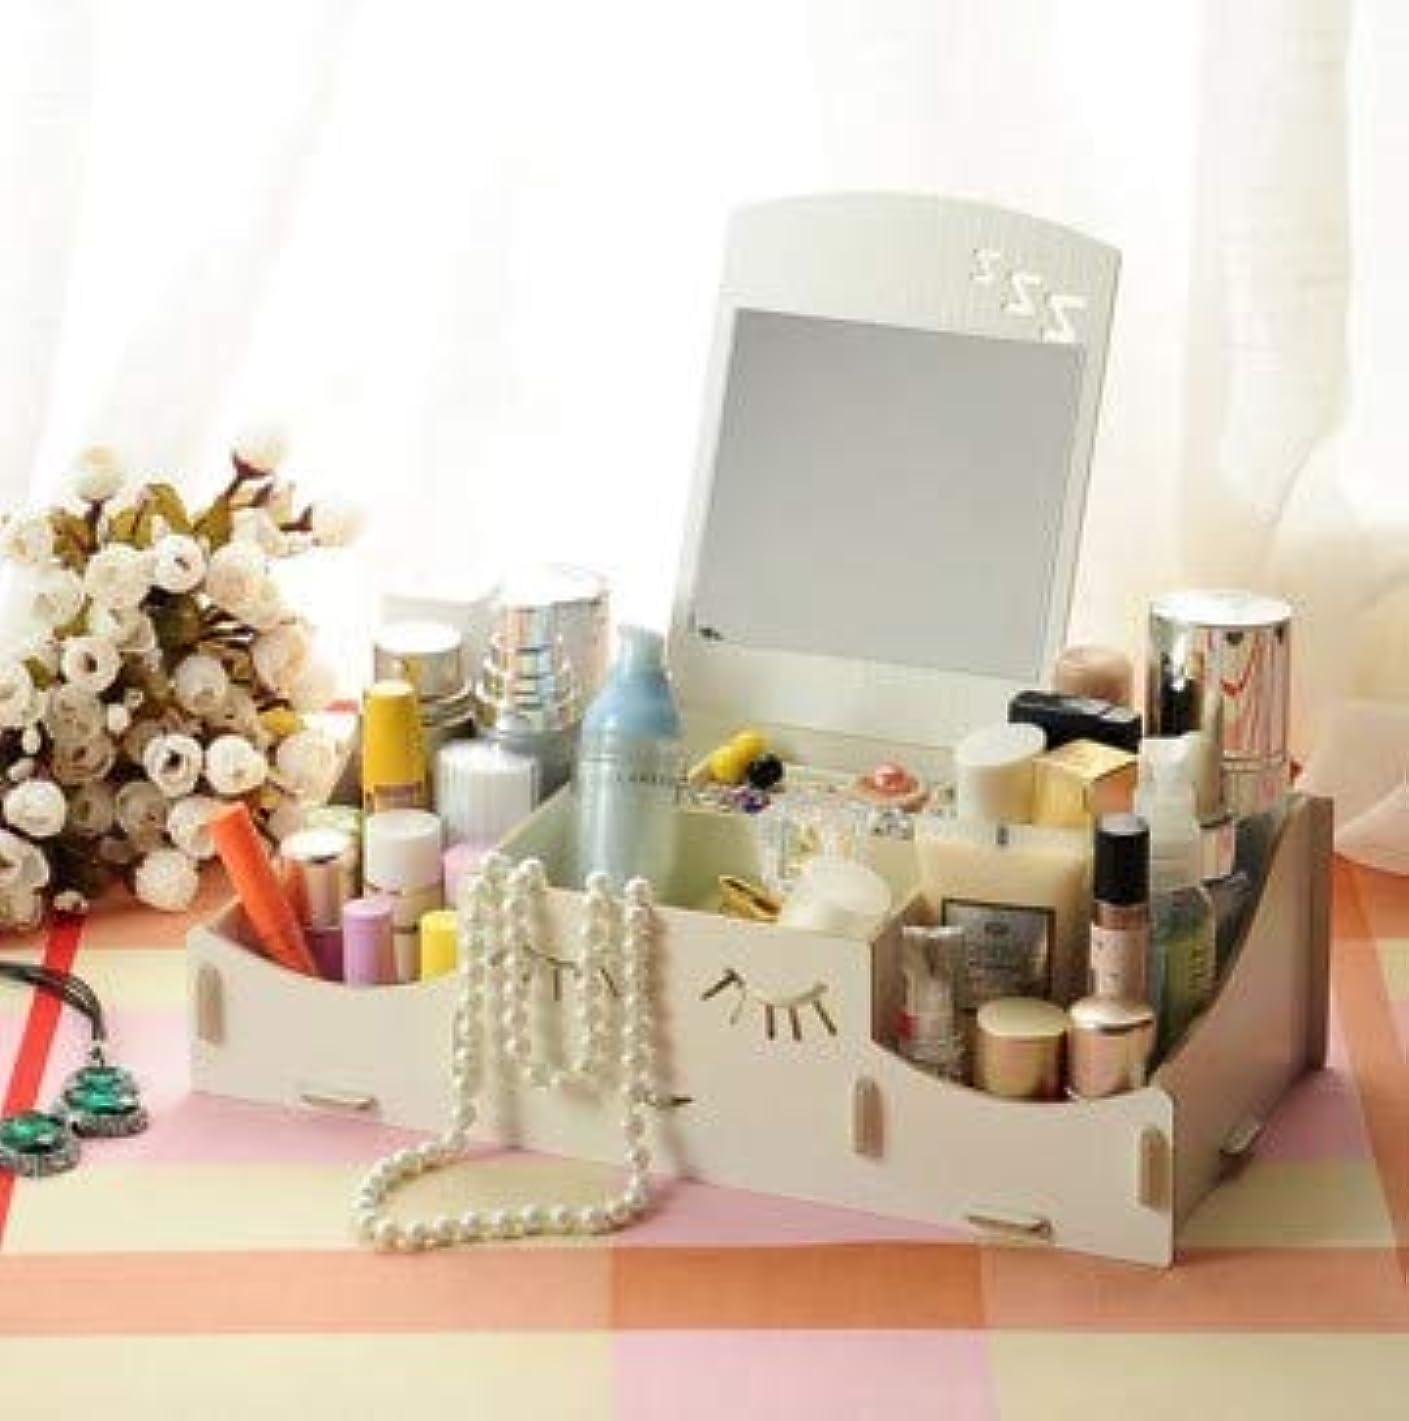 派生する鉄はいスマイリー木製クリエイティブ収納ボックス手作りデスクトップミラー化粧品収納ボックス化粧品収納ボックス (Color : ホワイト)